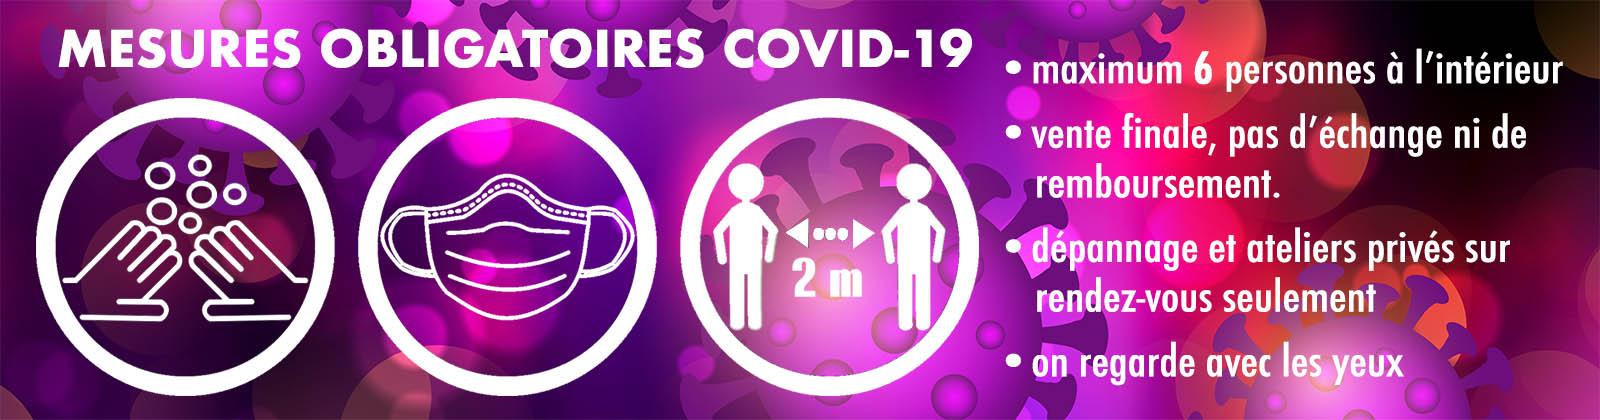 Bandeau avec directives pour la Covid-19